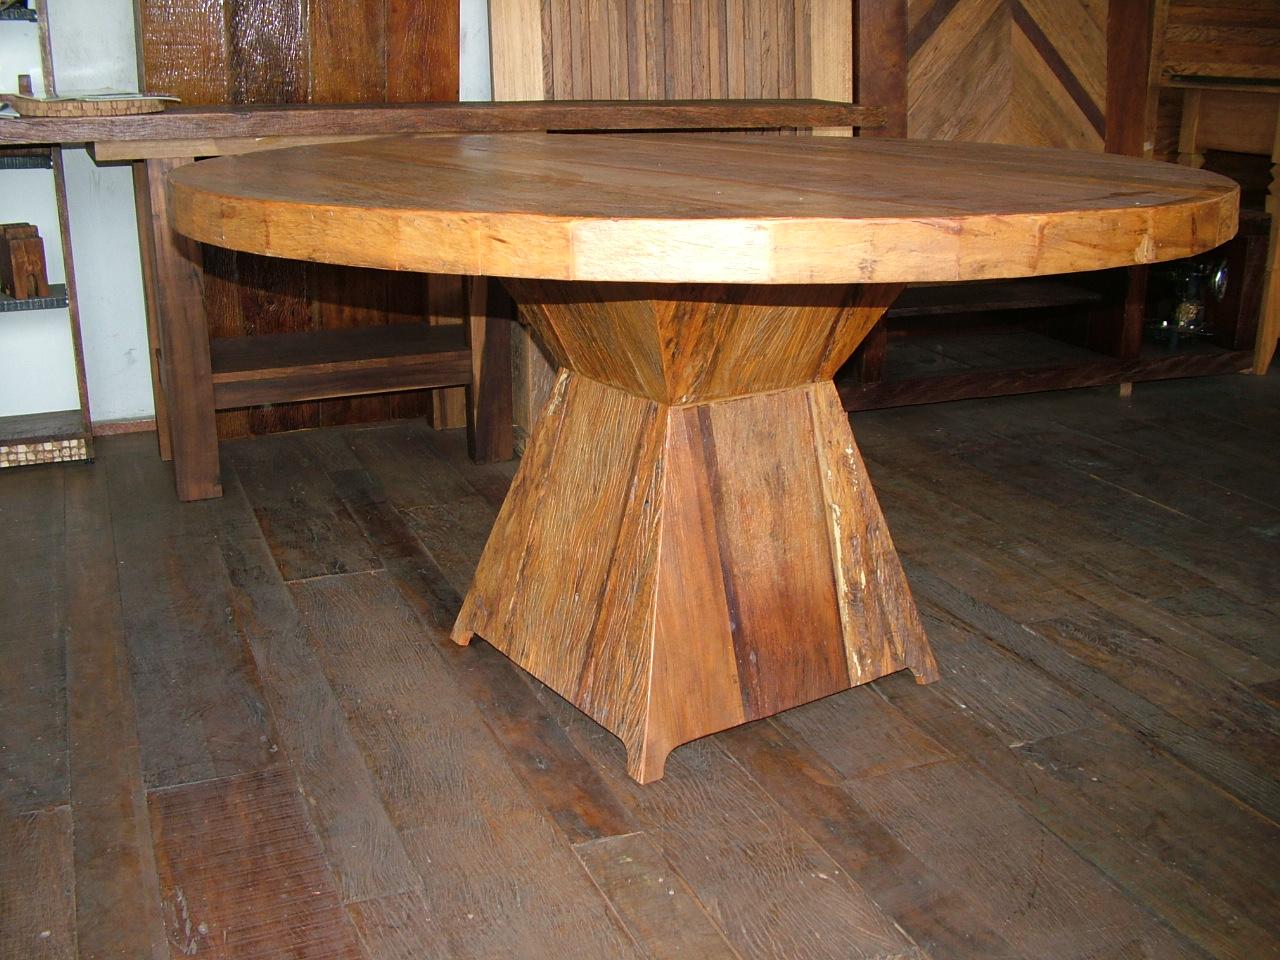 tampo em madeira de demolicao Madeira de Demolição #B66F15 1280x960 Balcao Banheiro Rustico